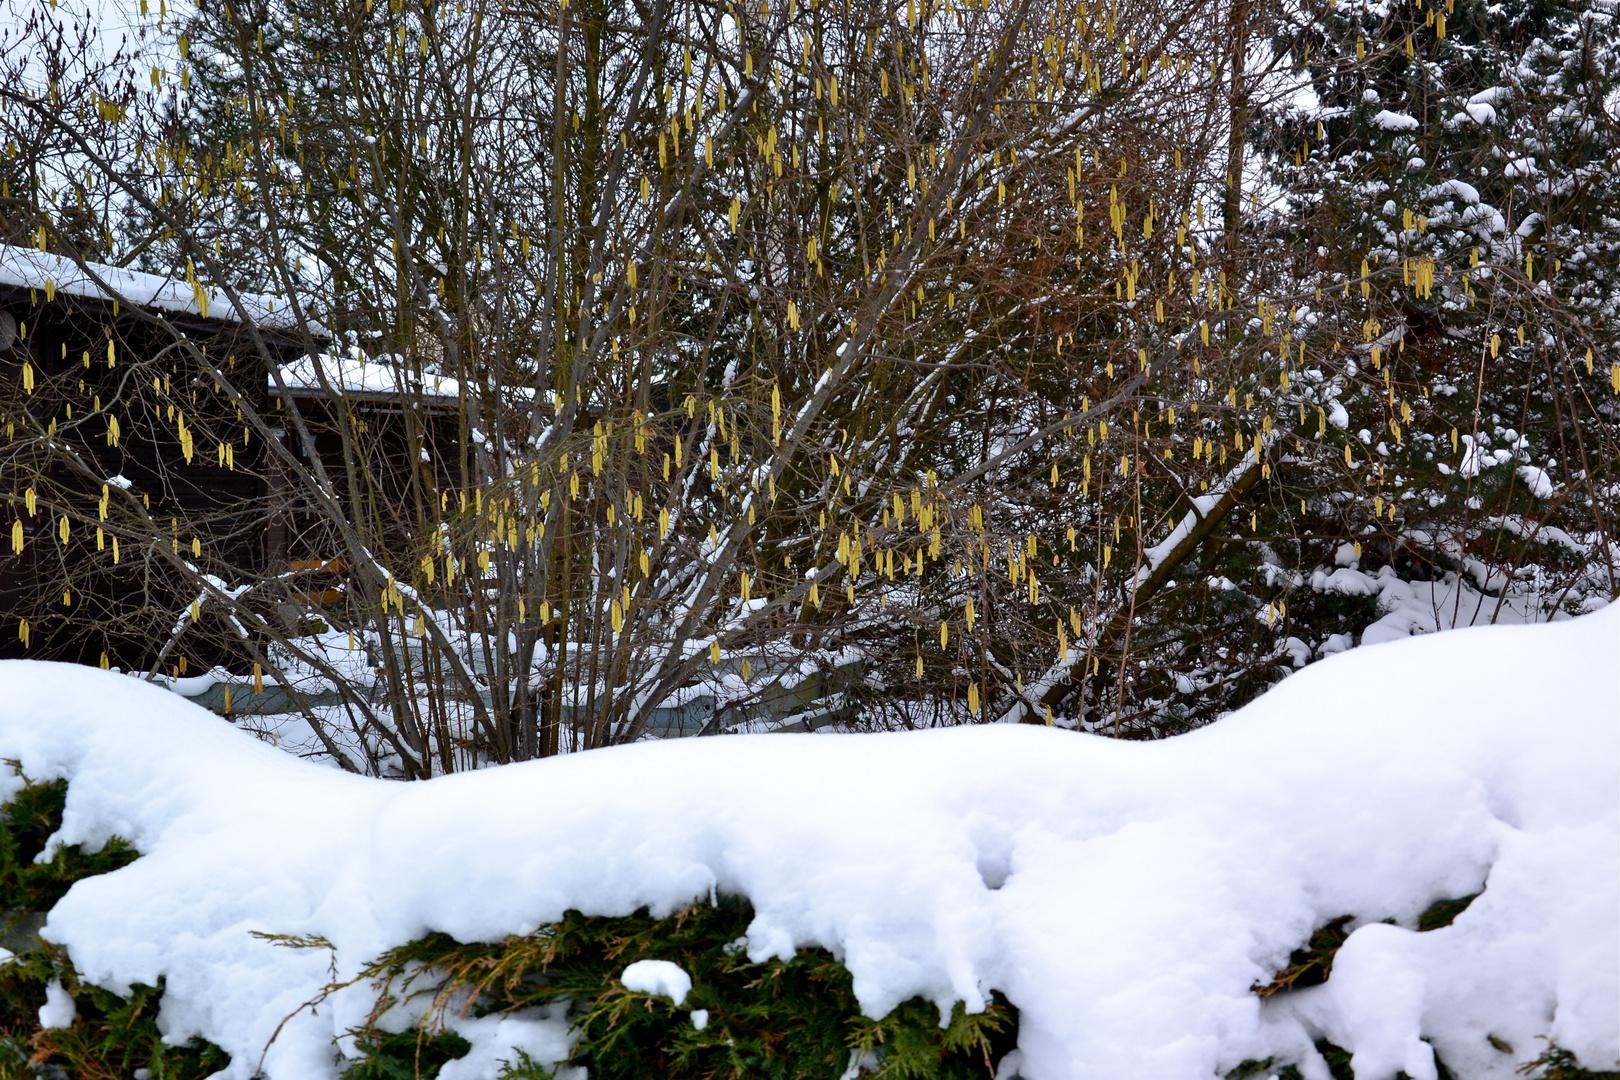 Hinten Frühling, vorne Winter…